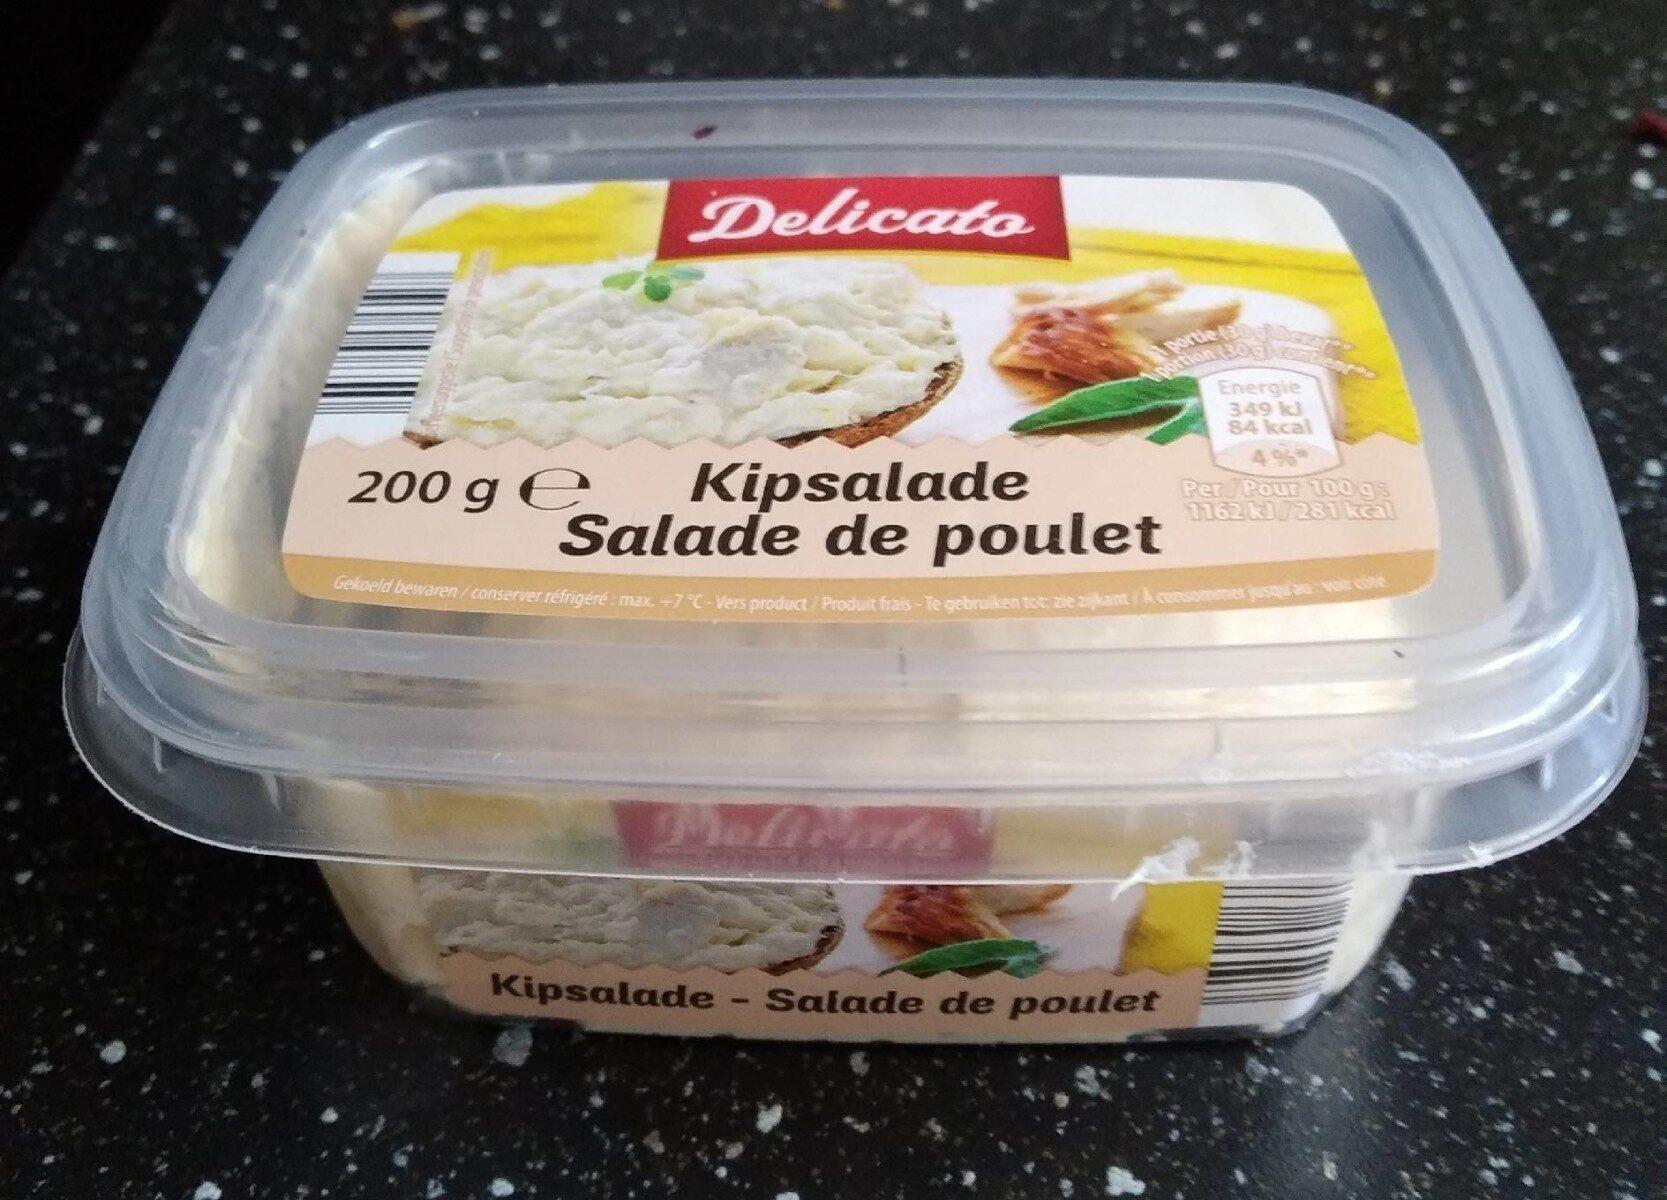 Kipsalade Salade de Poulet - Product